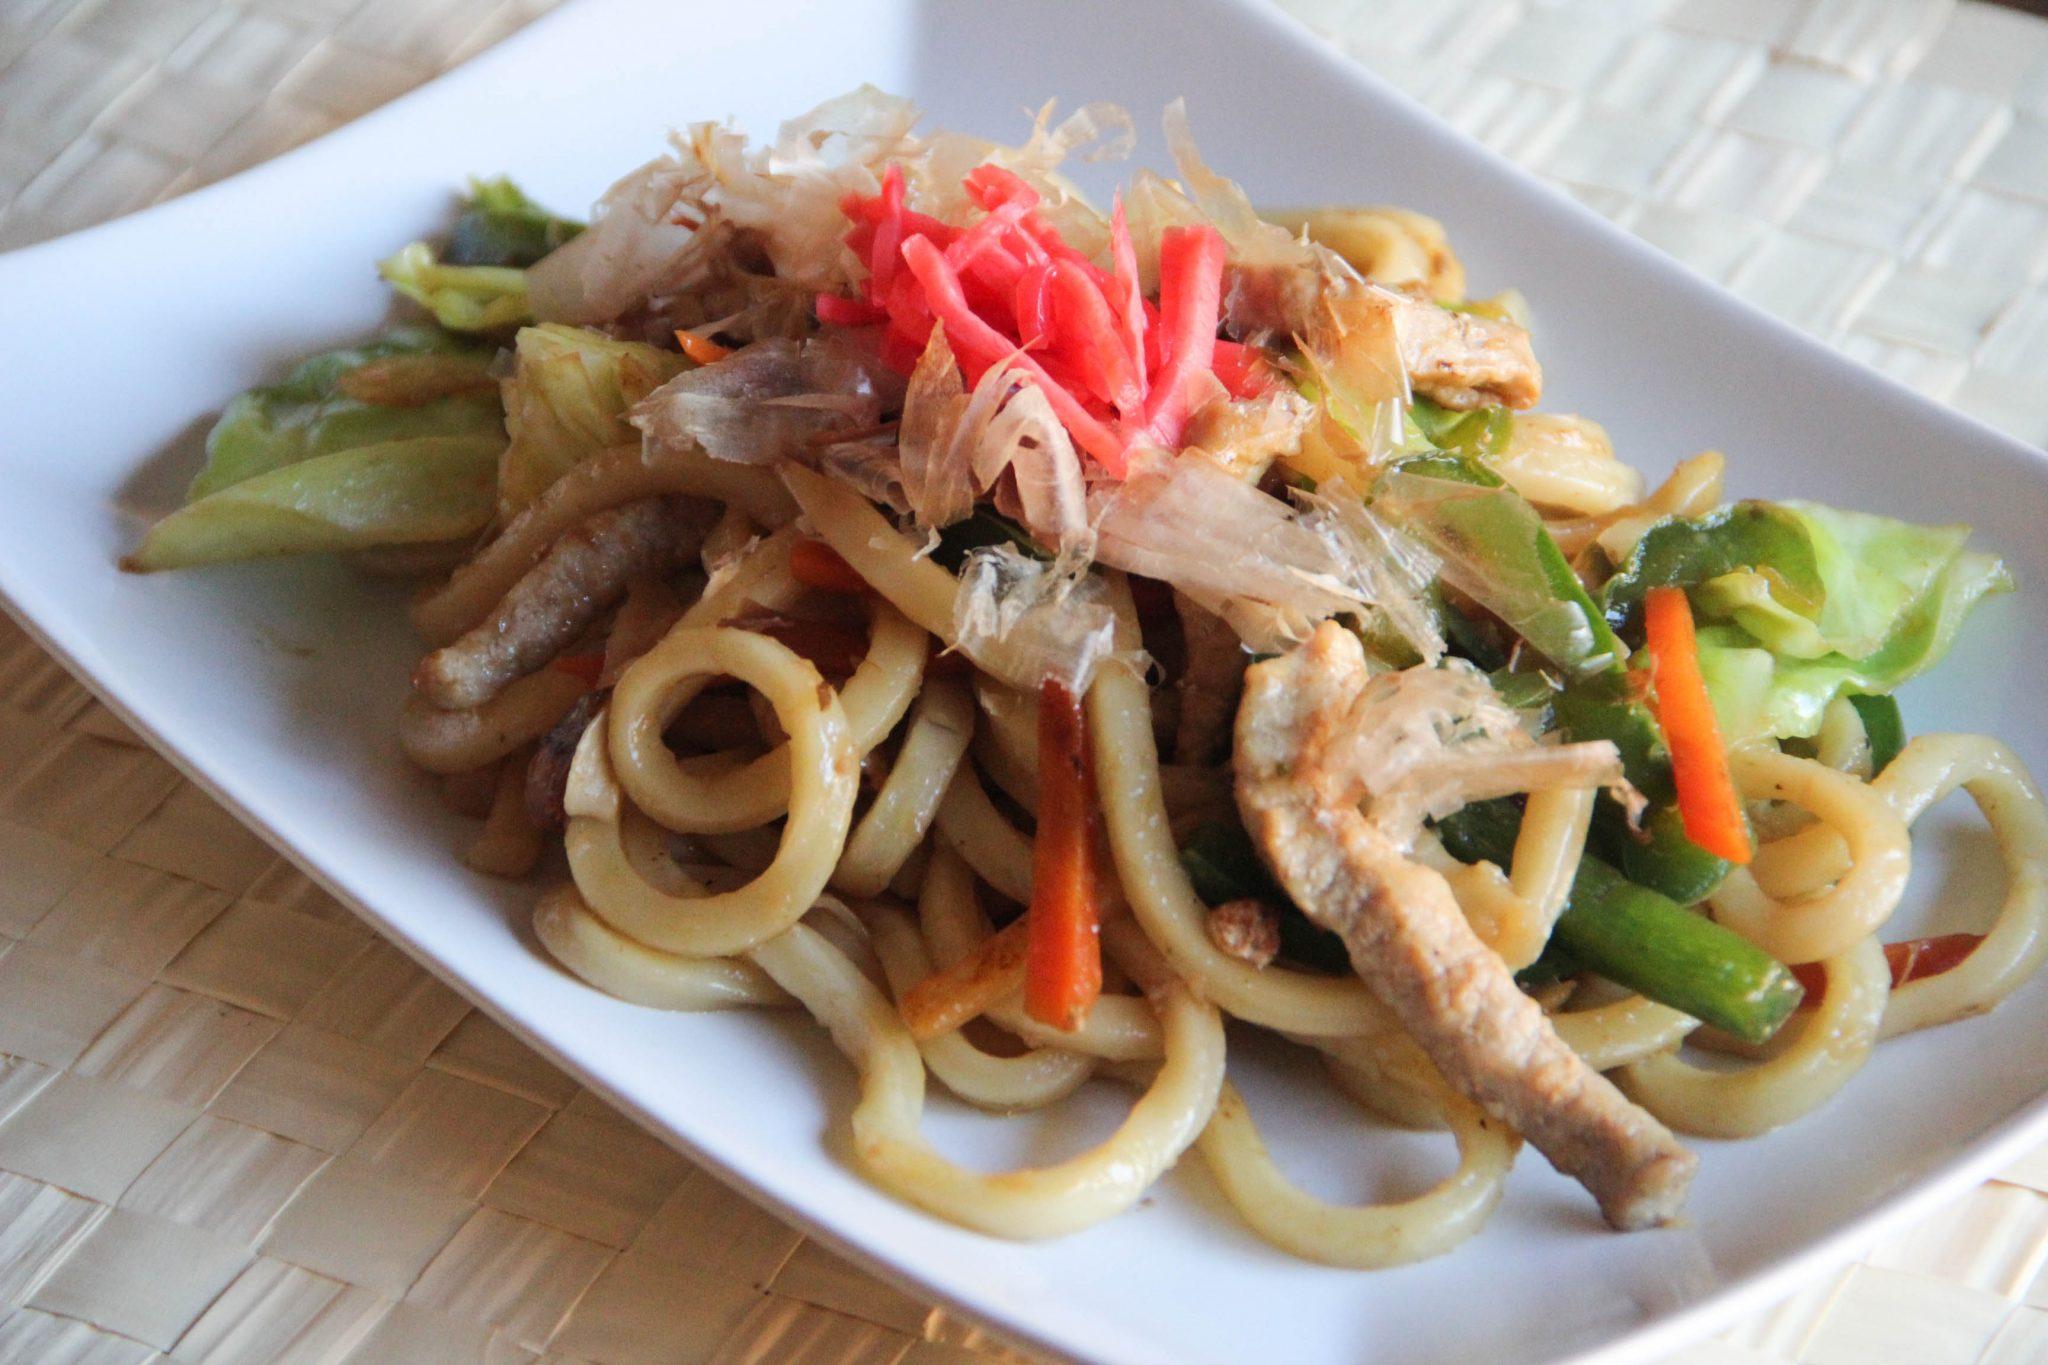 Yakiudon (Stir-fried Udon noodles)